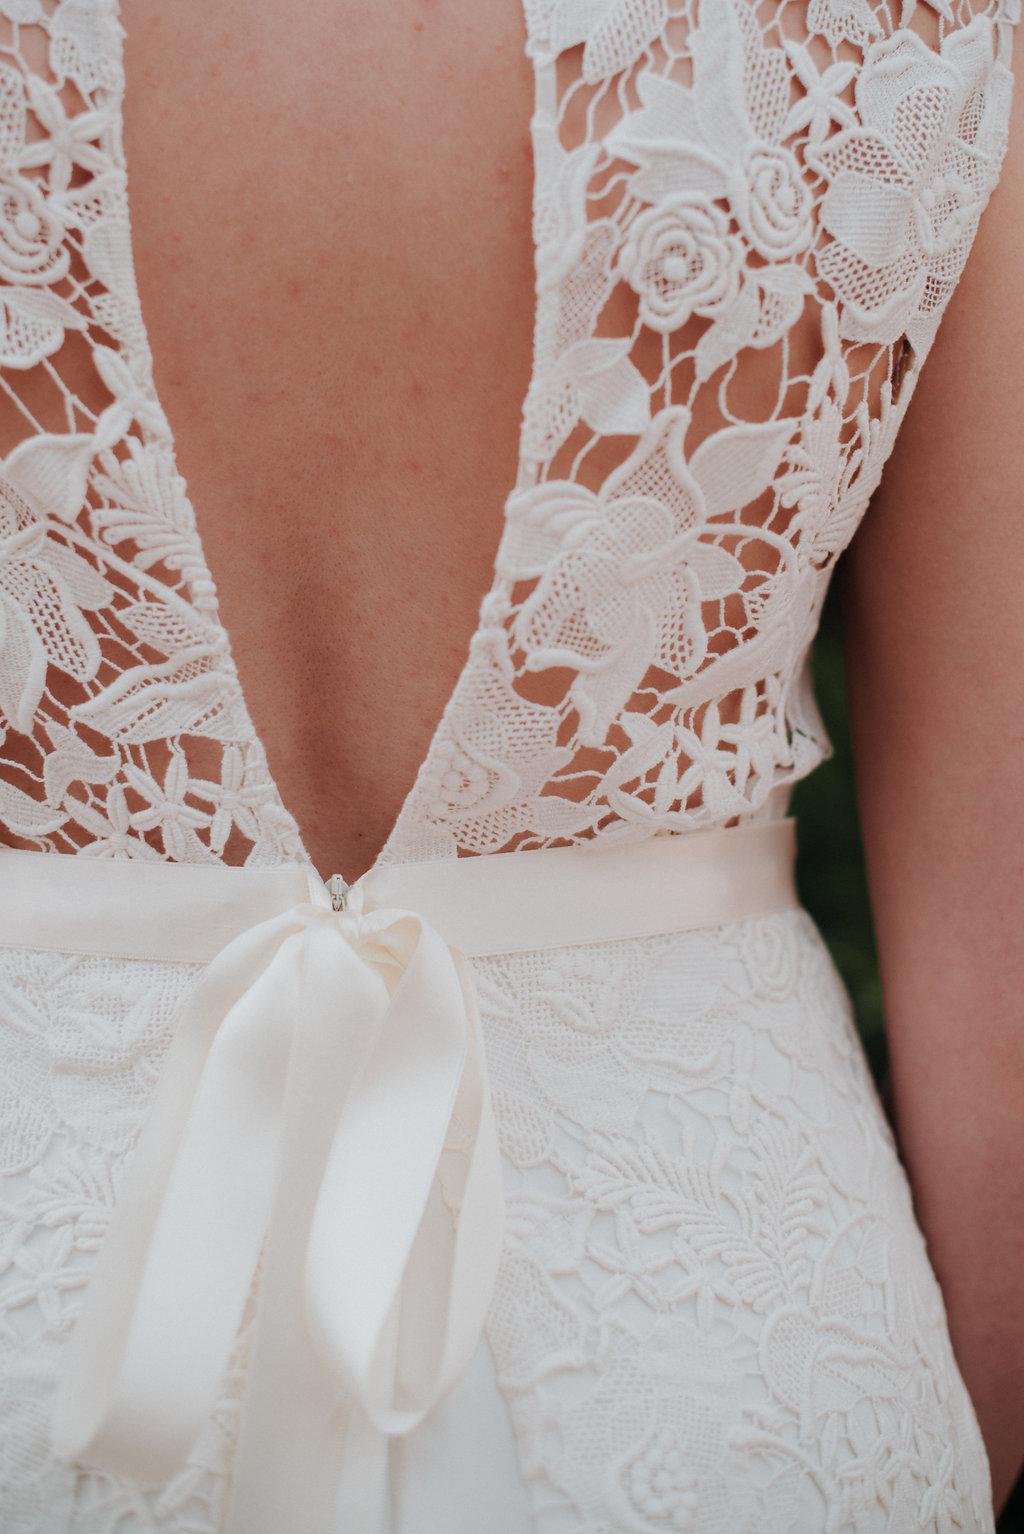 Léa-Fery-photographe-professionnel-lyon-rhone-alpes-portrait-creation-mariage-evenement-evenementiel-famille-7571.jpg